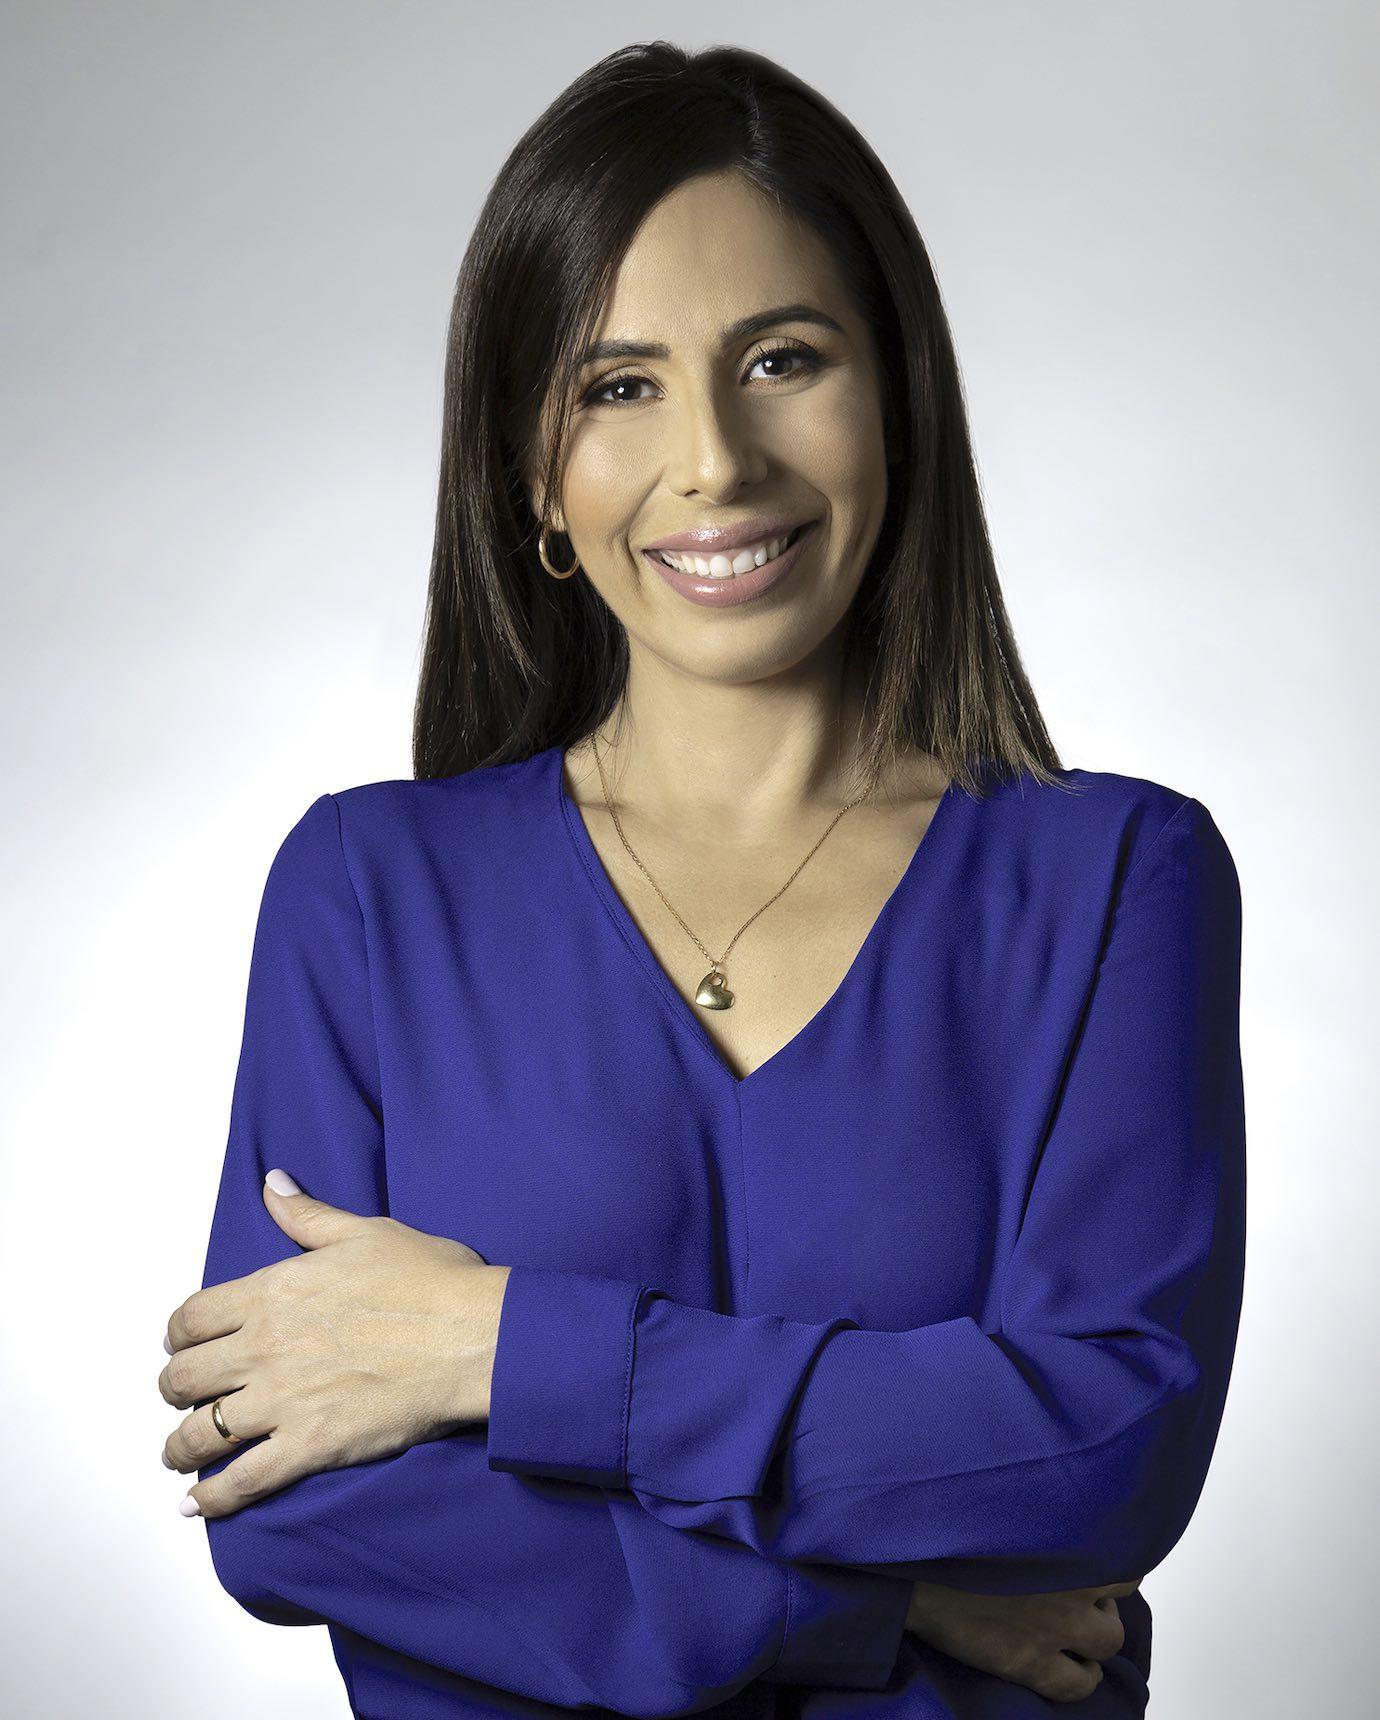 Lisette Avendano